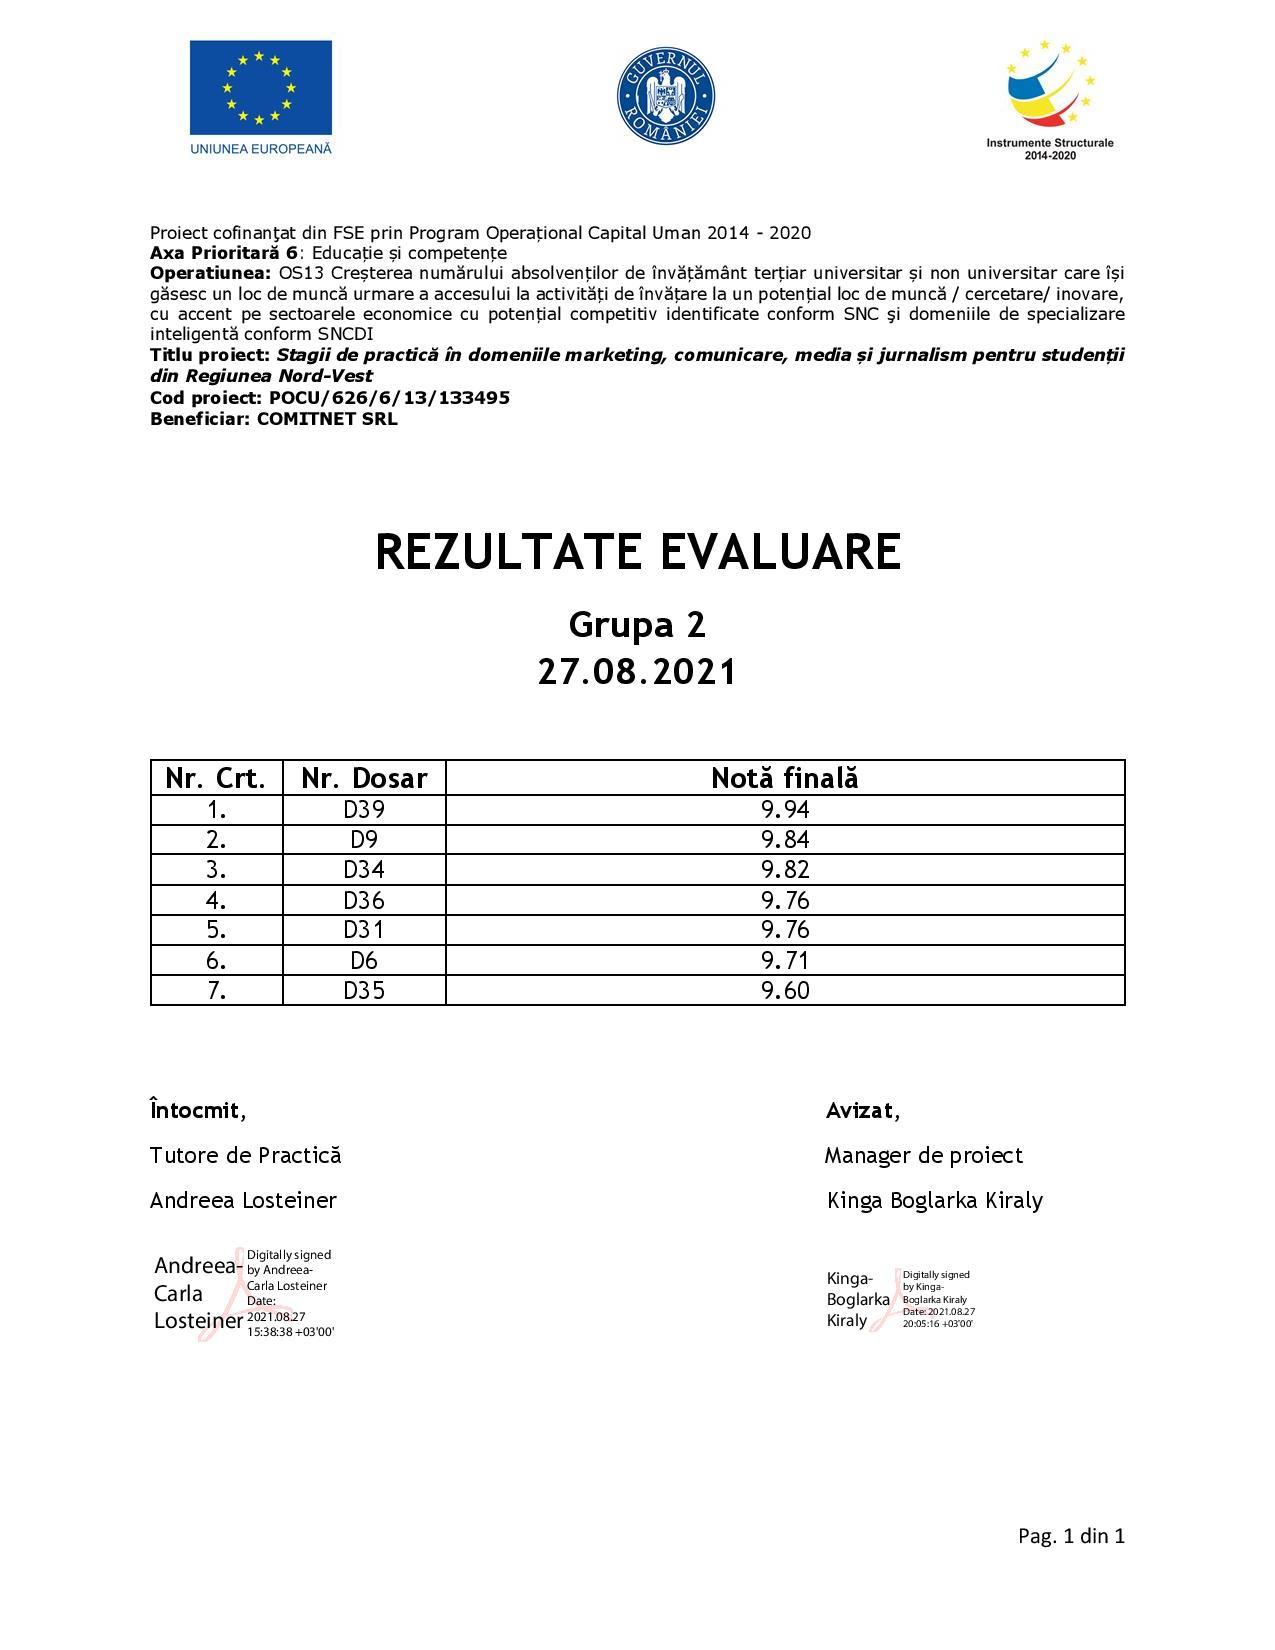 [Stagii de Practică SEO 365] Rezultate evaluare - Gr. II-page-001